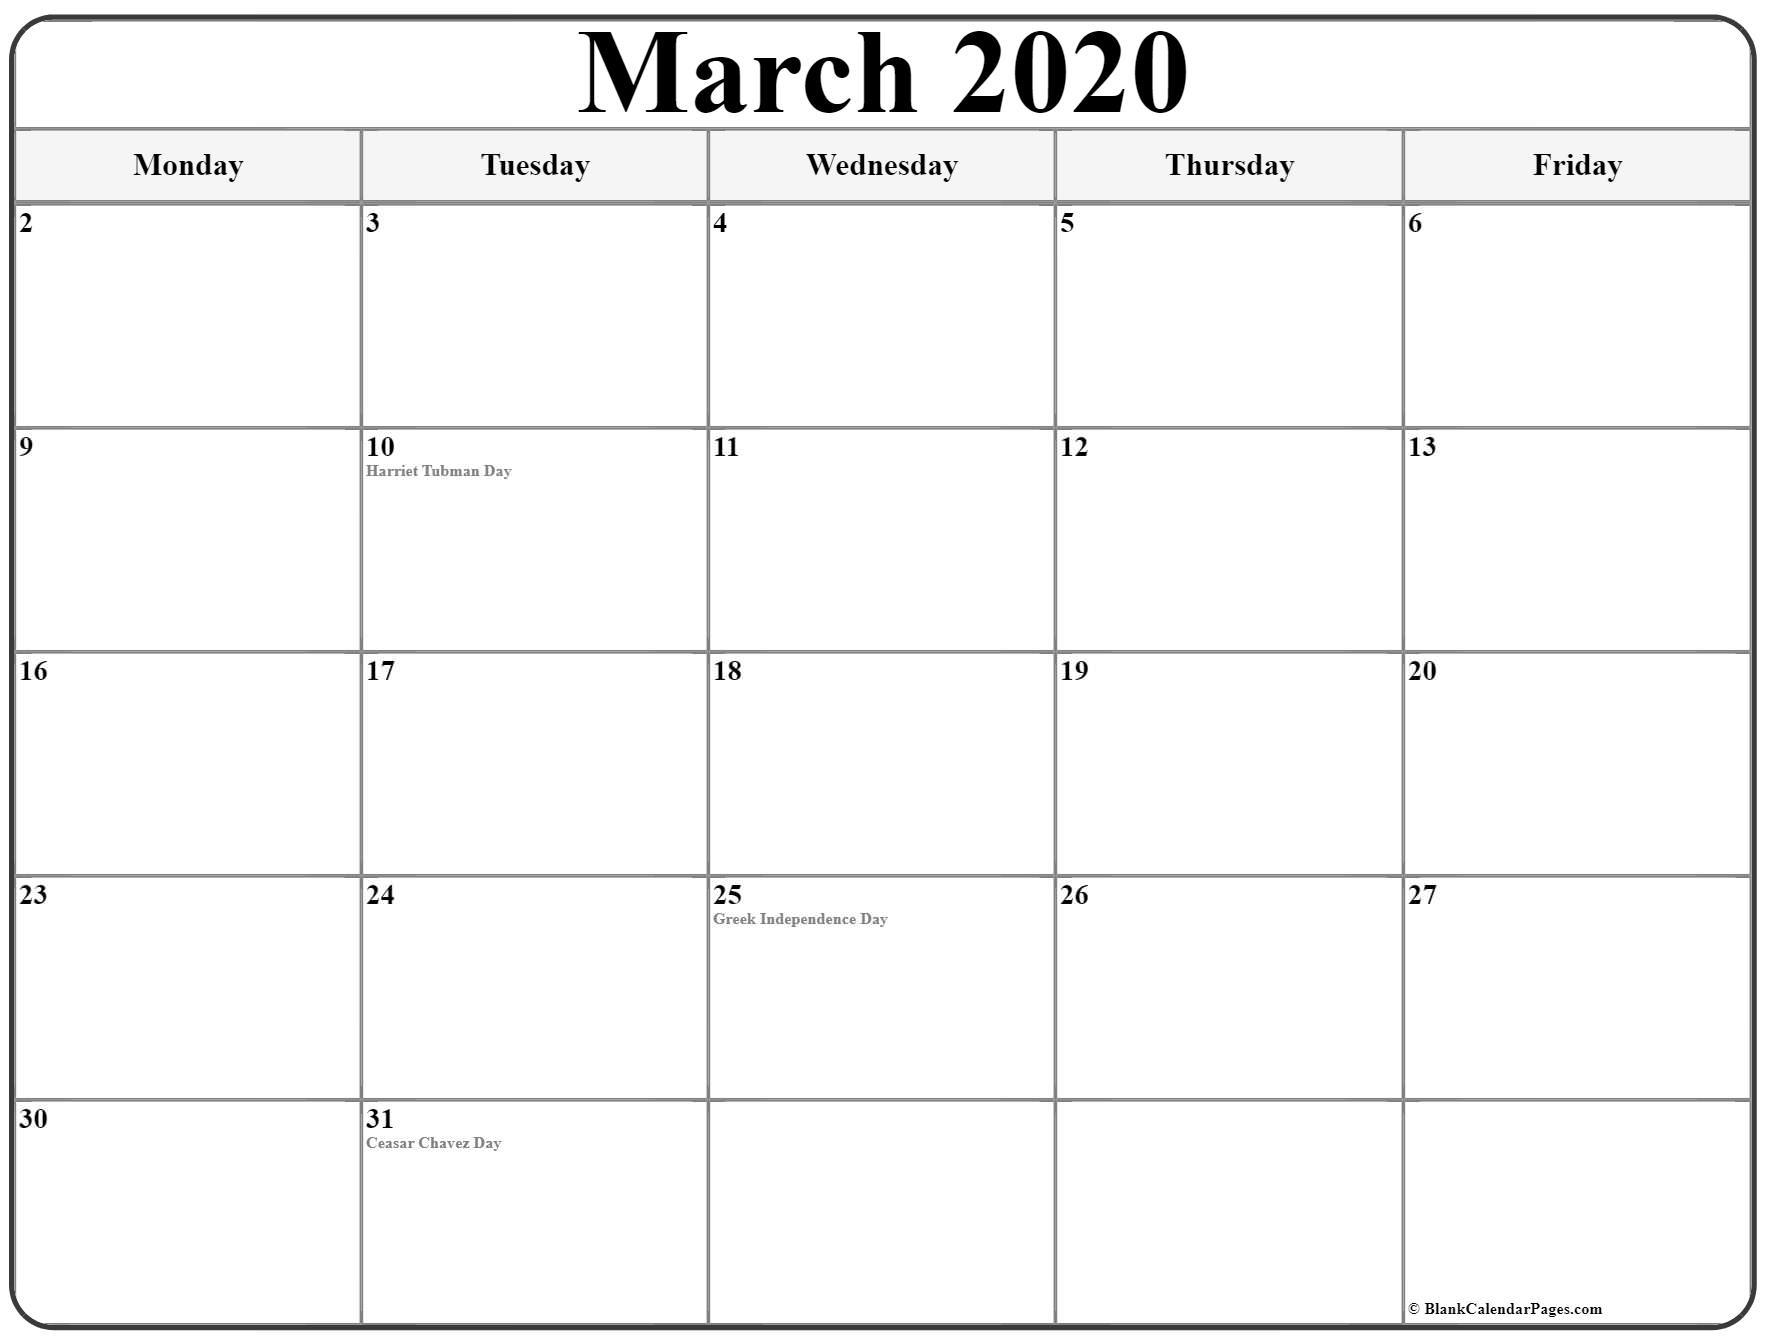 March 2020 Monday Calendar | Monday To Sunday regarding 2020 Calendar That Shows Only Monday Through Friday